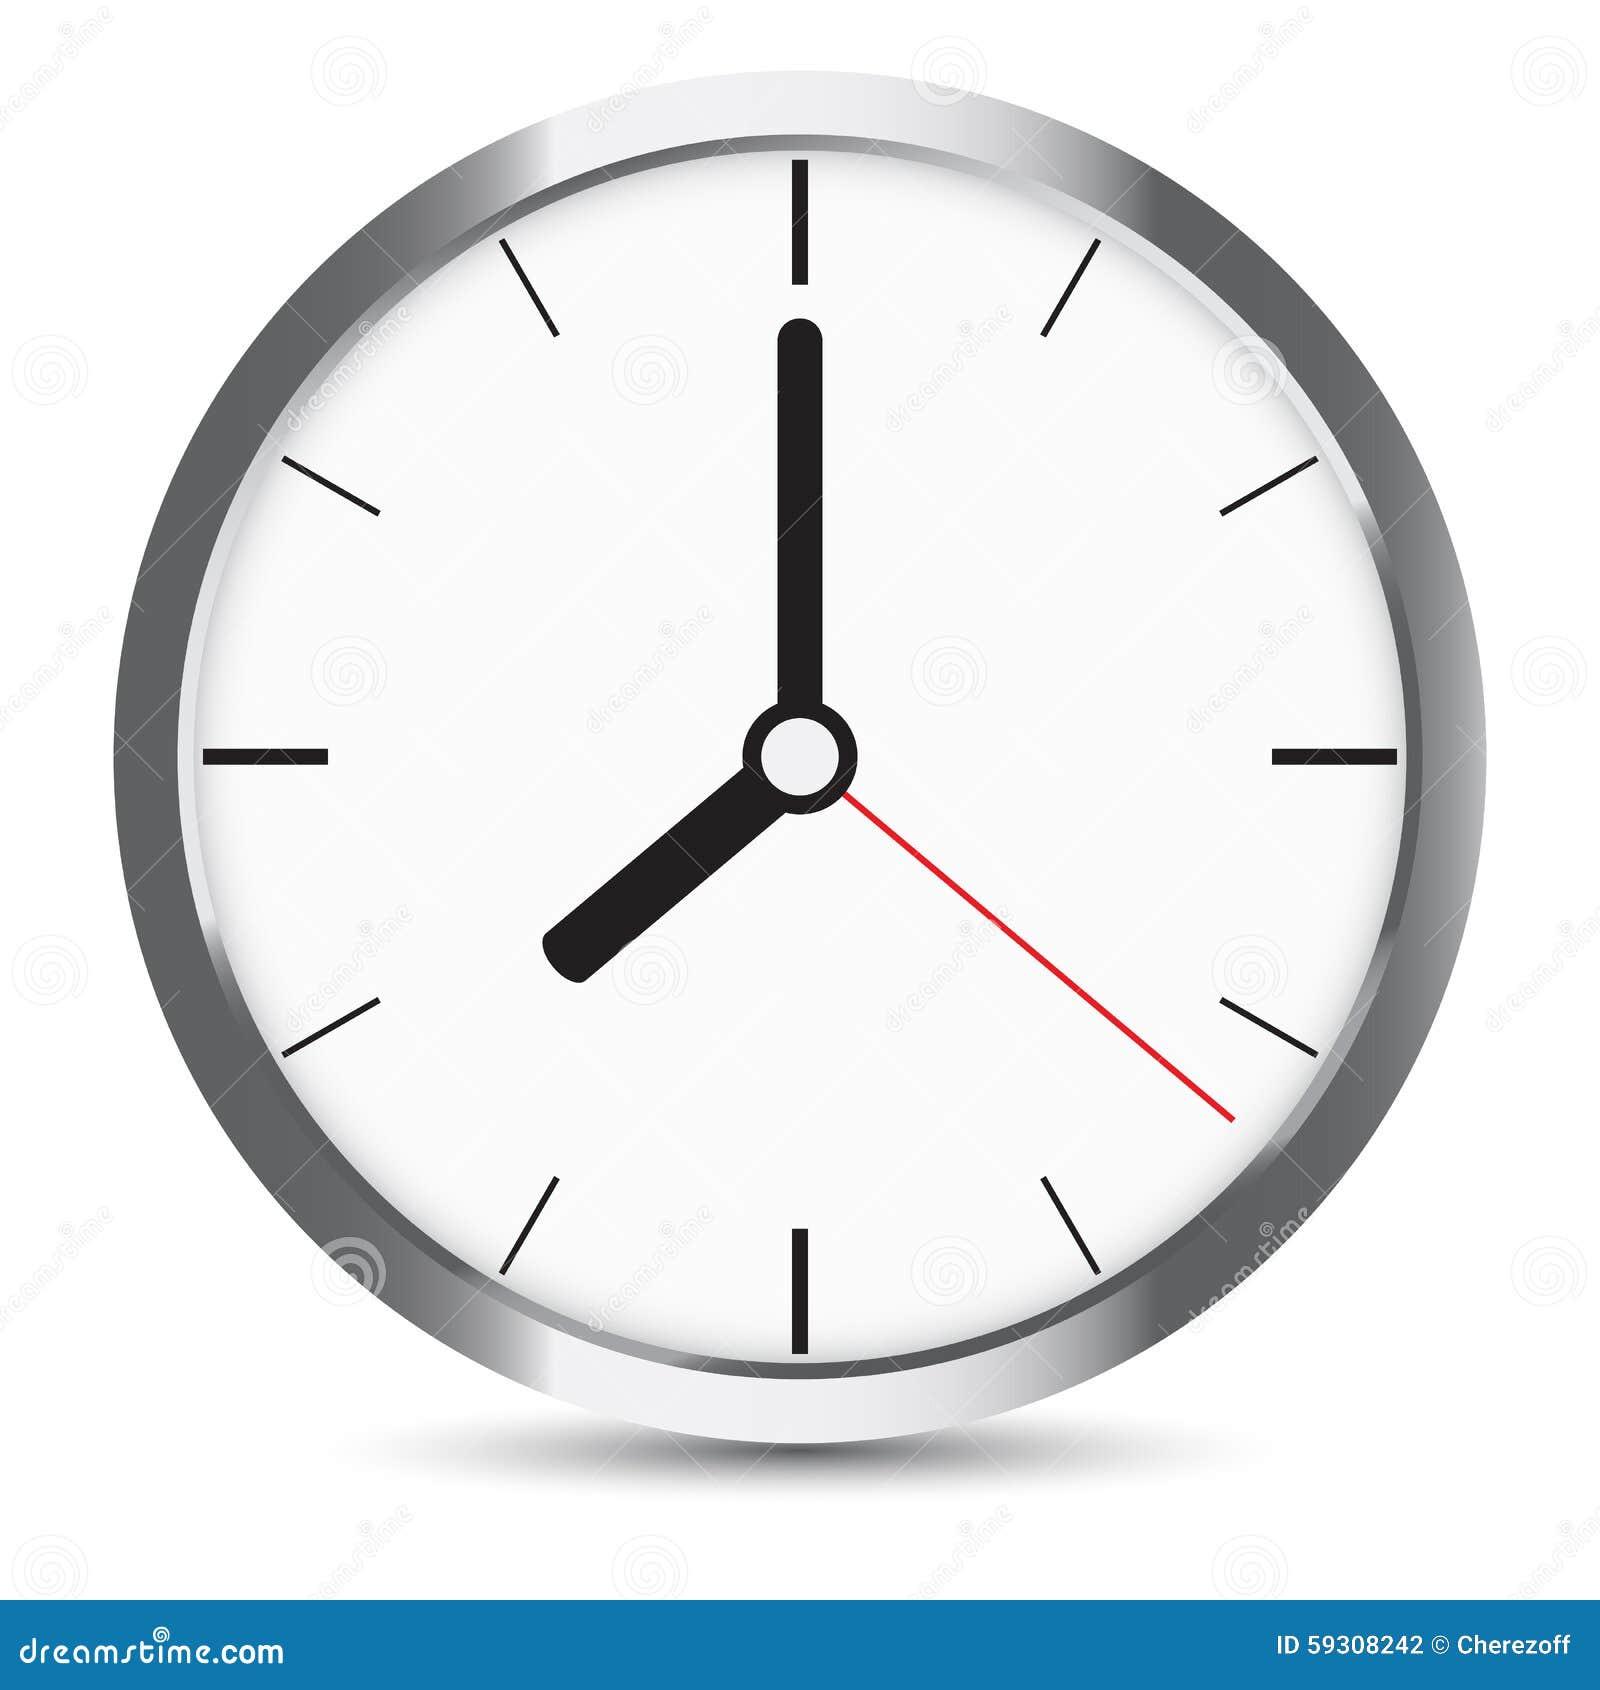 Hermosa Reloj Con El Marco Patrón - Ideas de Arte Enmarcado ...